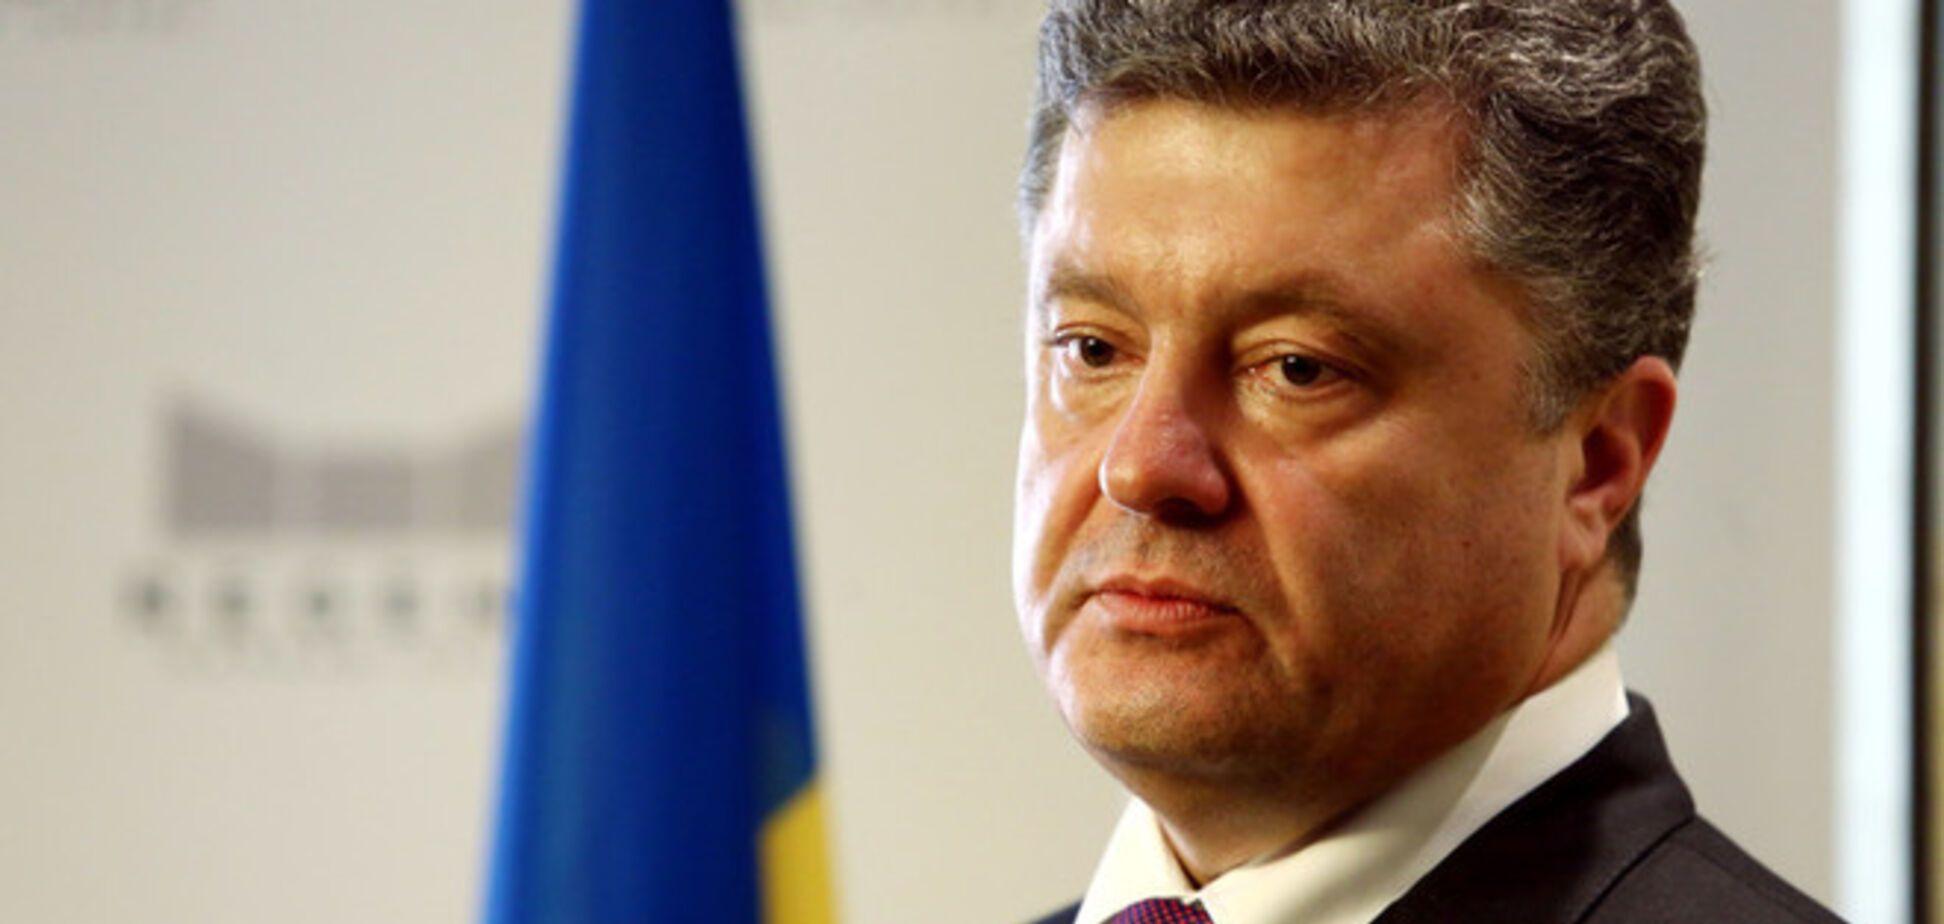 Порошенко объявил 15 июня общеукраинским Днем траура и поручил созвать заседание СНБО